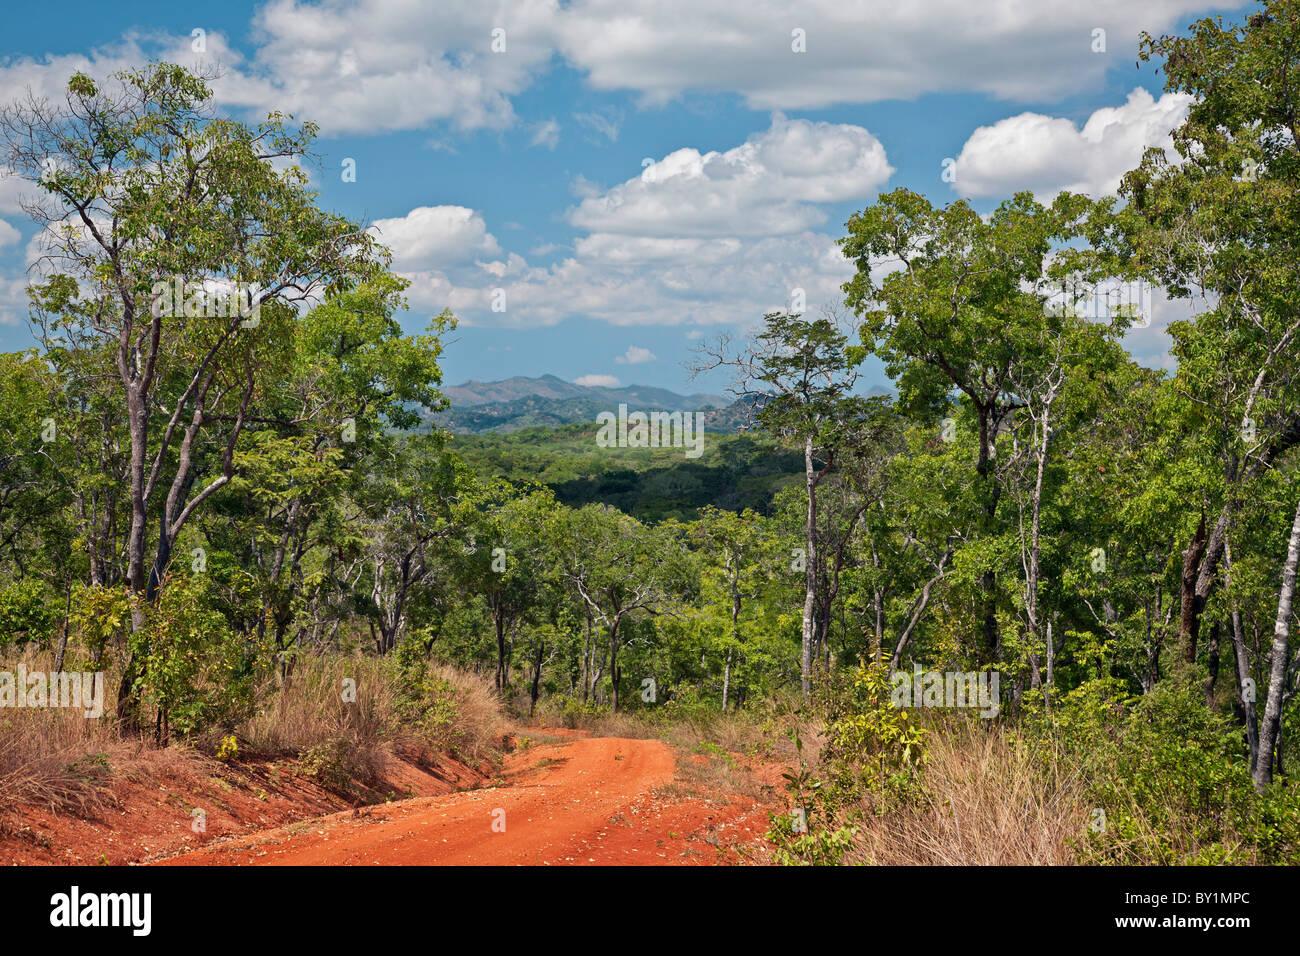 Una vista de las montañas y bosque autóctono en el valle Kilombero bajas de las tierras altas del sur Imagen De Stock